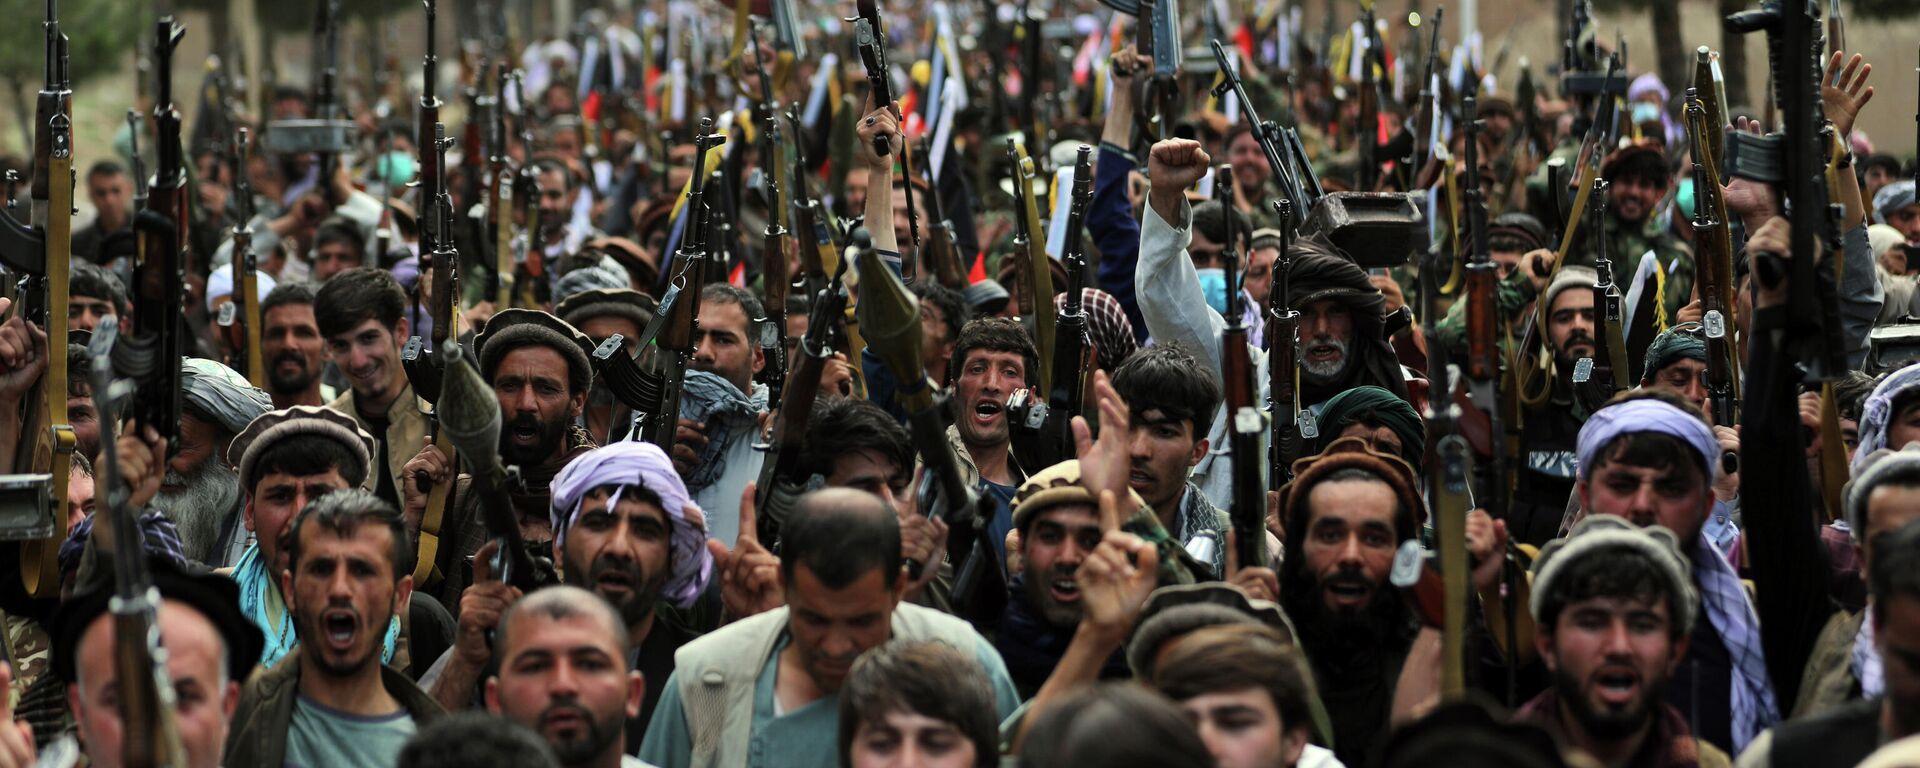 Афганские ополченцы присоединяются к силам обороны Афганистана в Кабуле - Sputnik Тоҷикистон, 1920, 02.08.2021